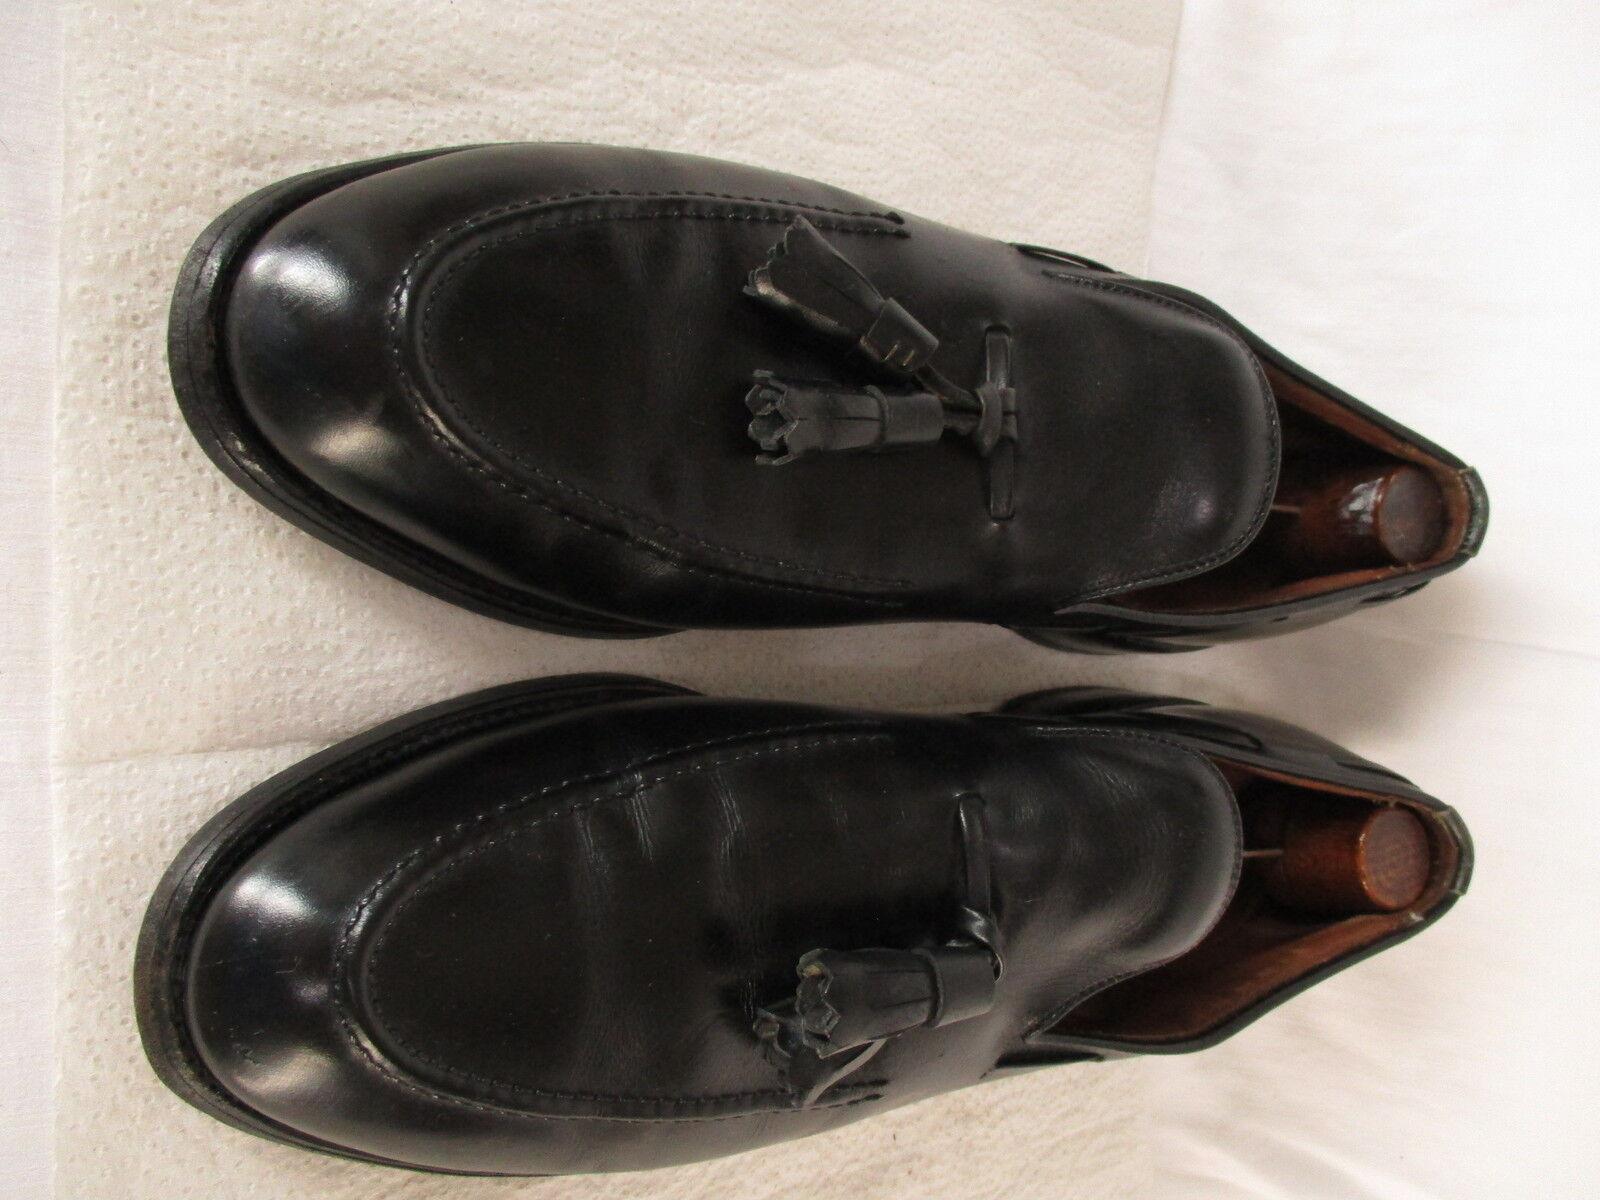 molto popolare Allen Edmonds Edmonds Edmonds Saratoga Uomo nero Tassel Loafers 9A  liquidazione fino al 70%